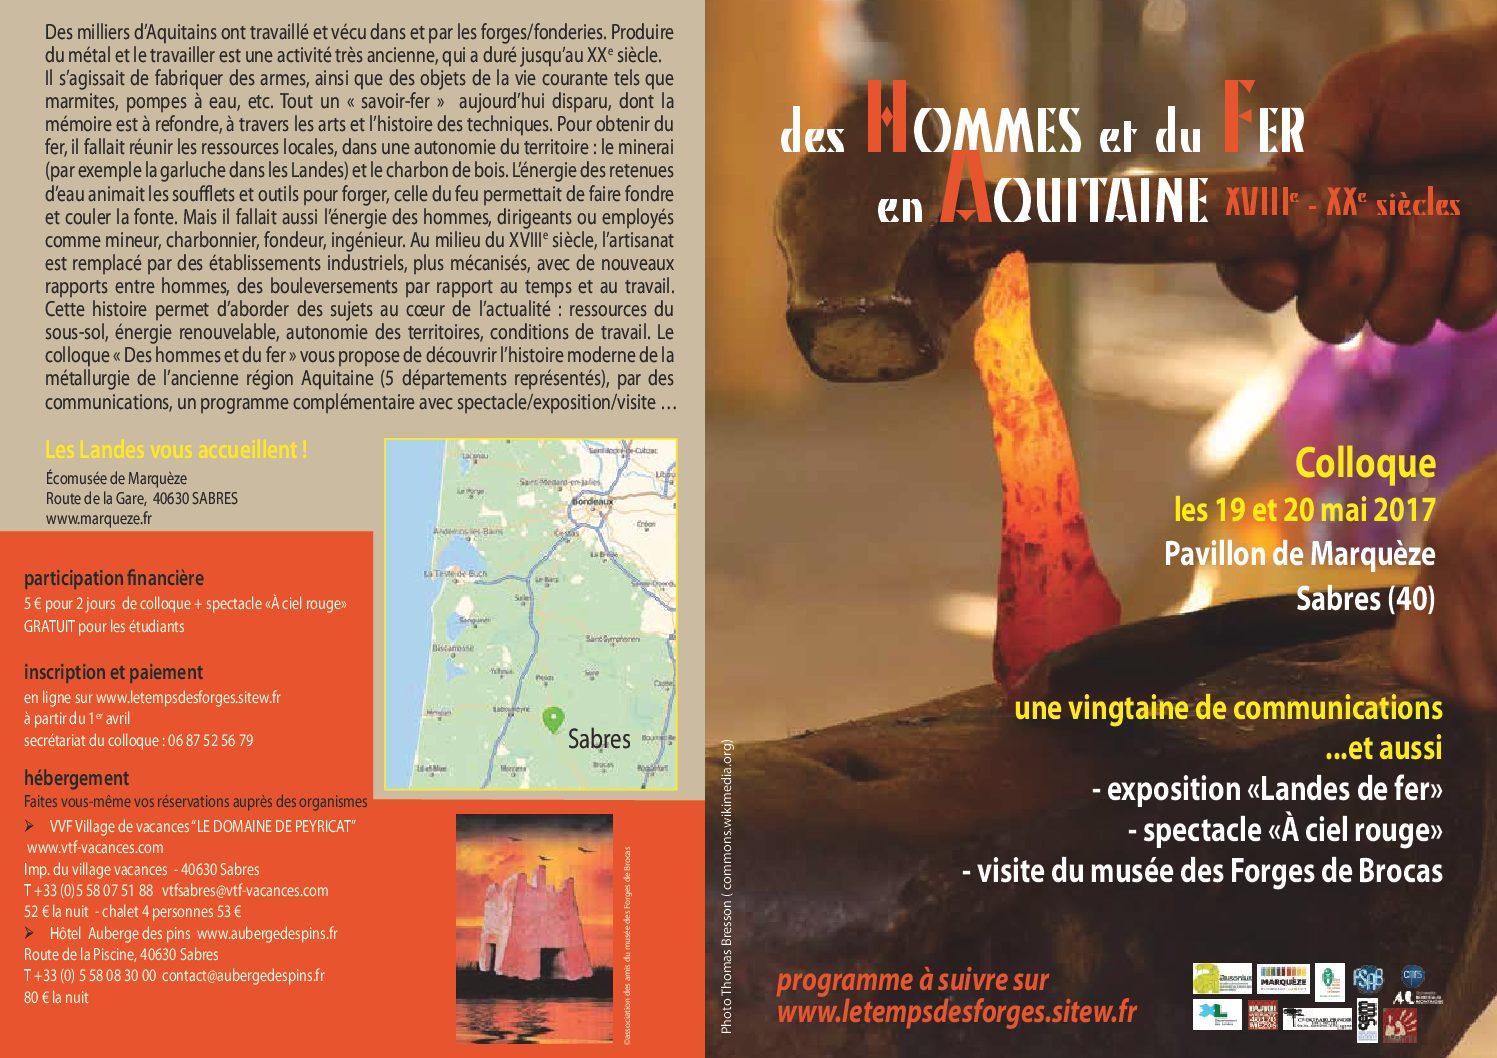 Des Hommes et du Fer en Aquitaine – XVIIIe-XXe siècles